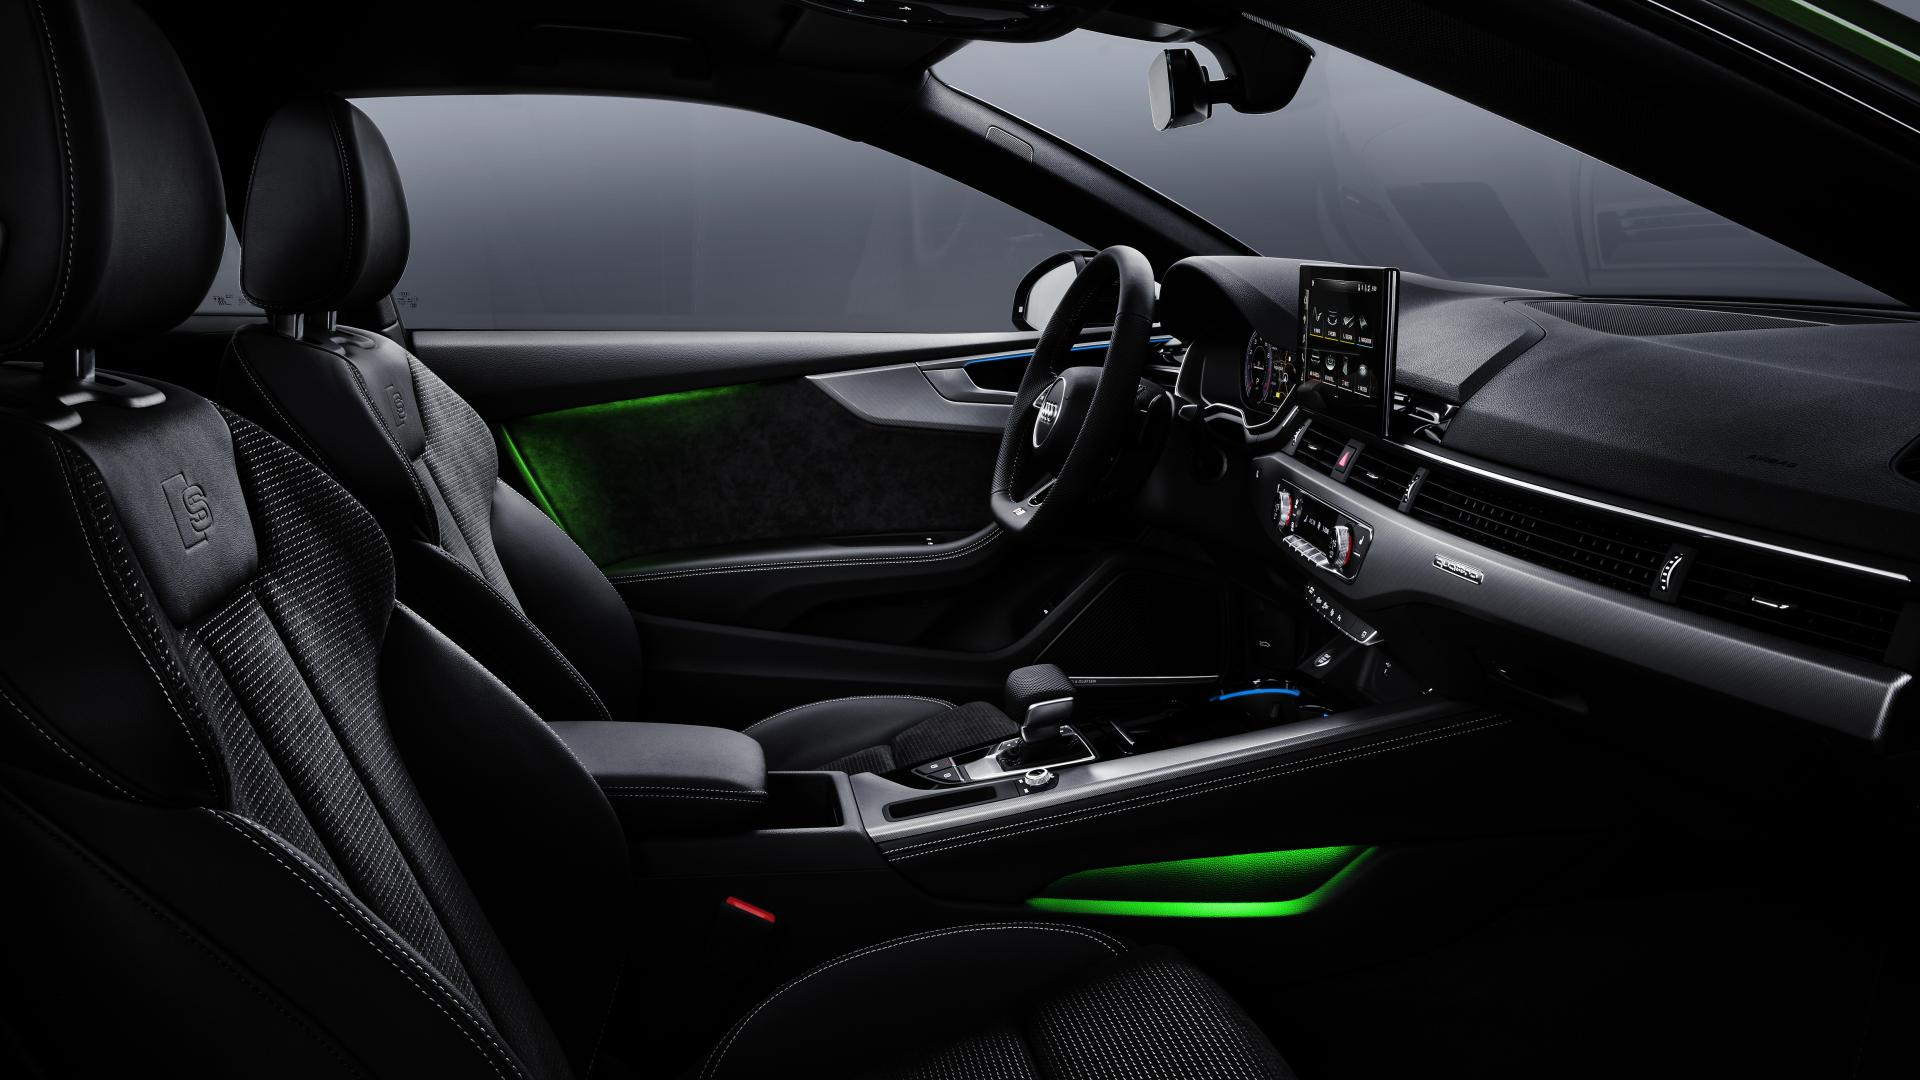 Audi A5-facelift s-line interieur